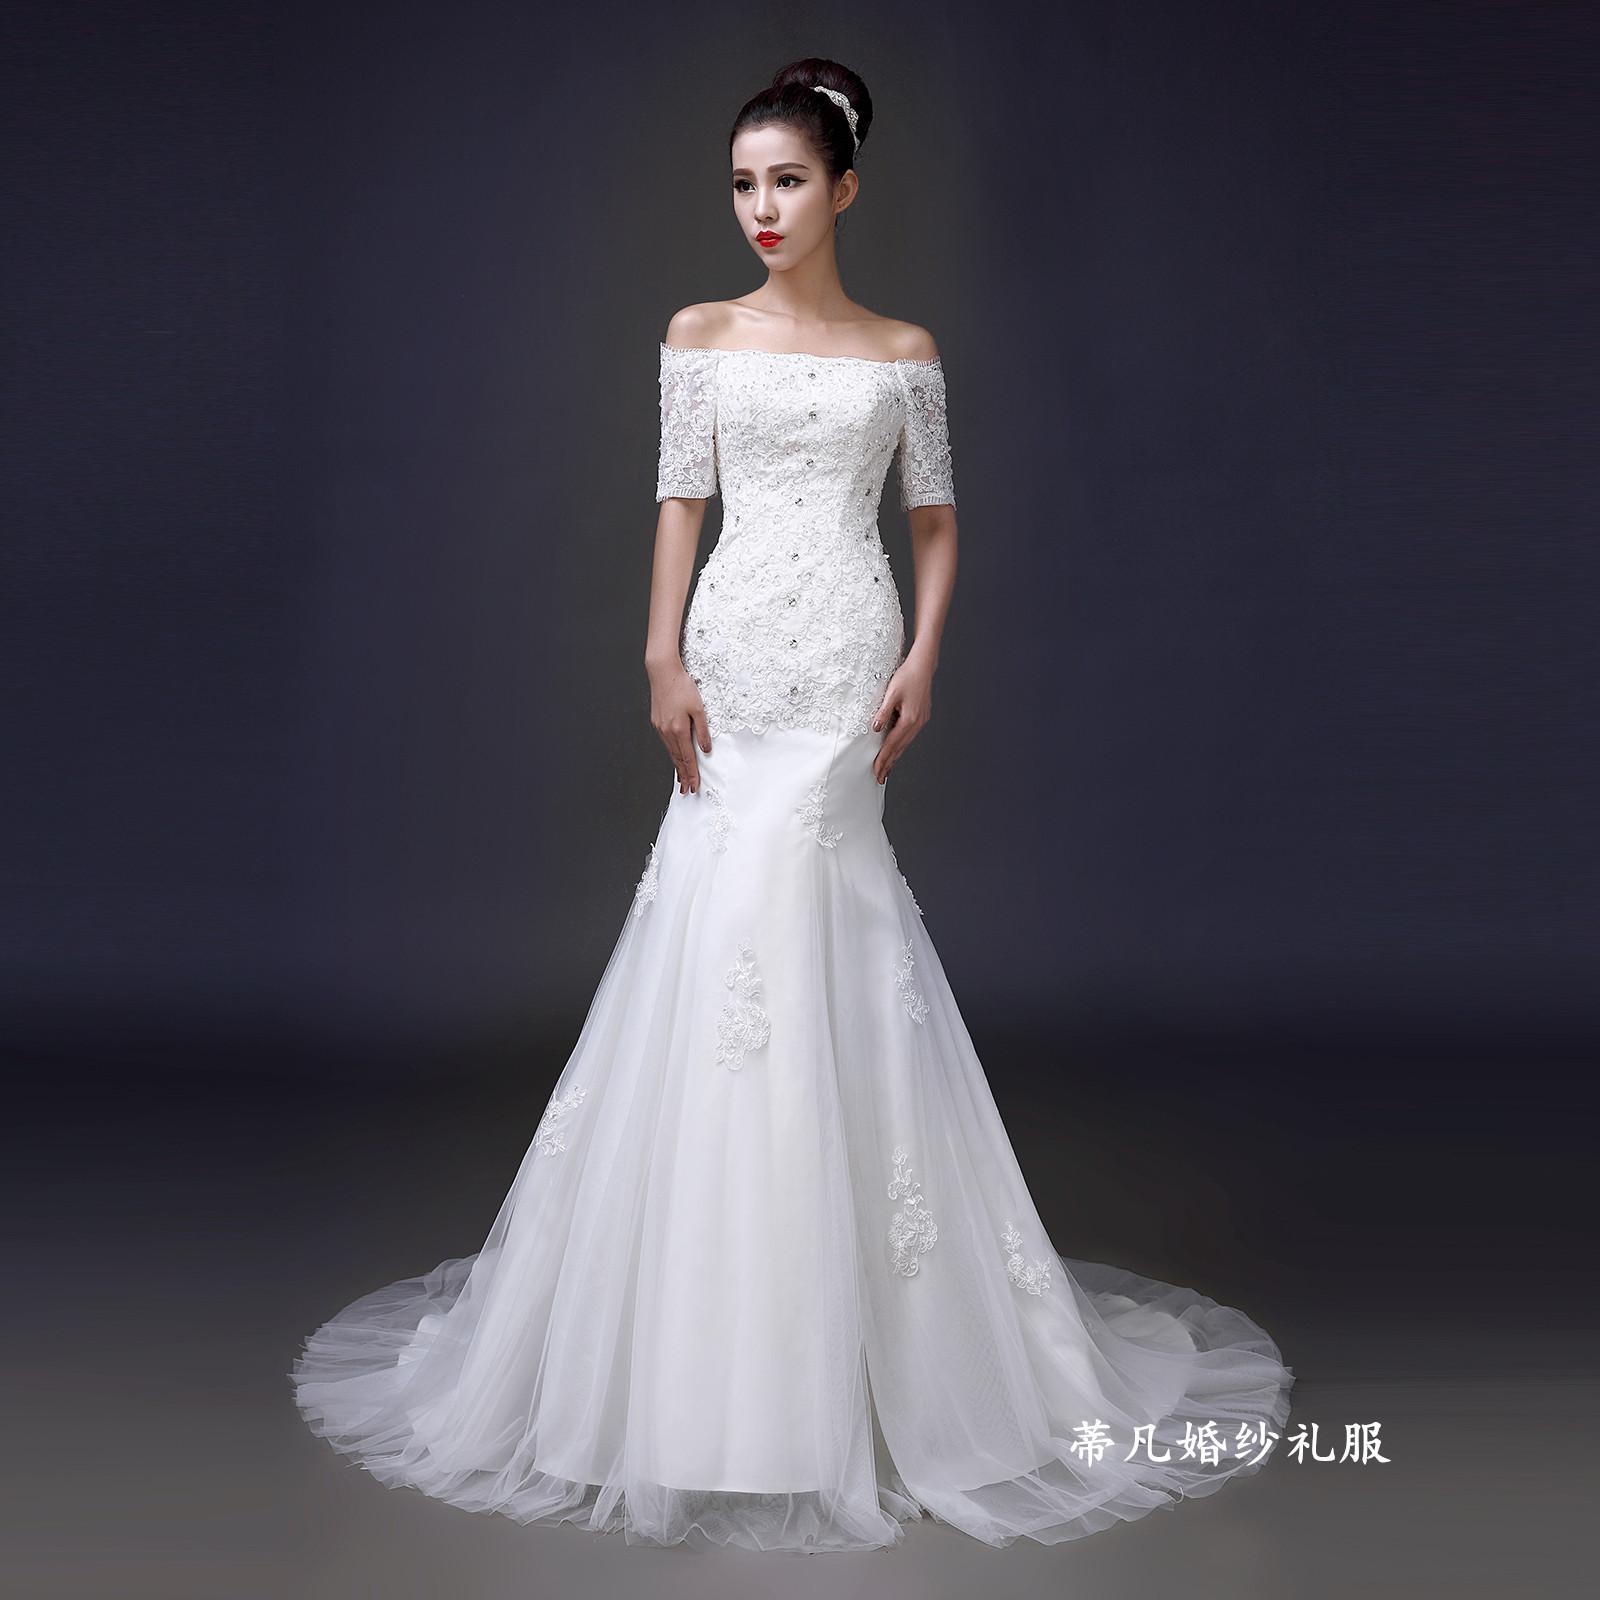 婚纱礼服新款2014冬季时尚一字肩拖尾鱼尾修身韩式新娘双肩型显瘦